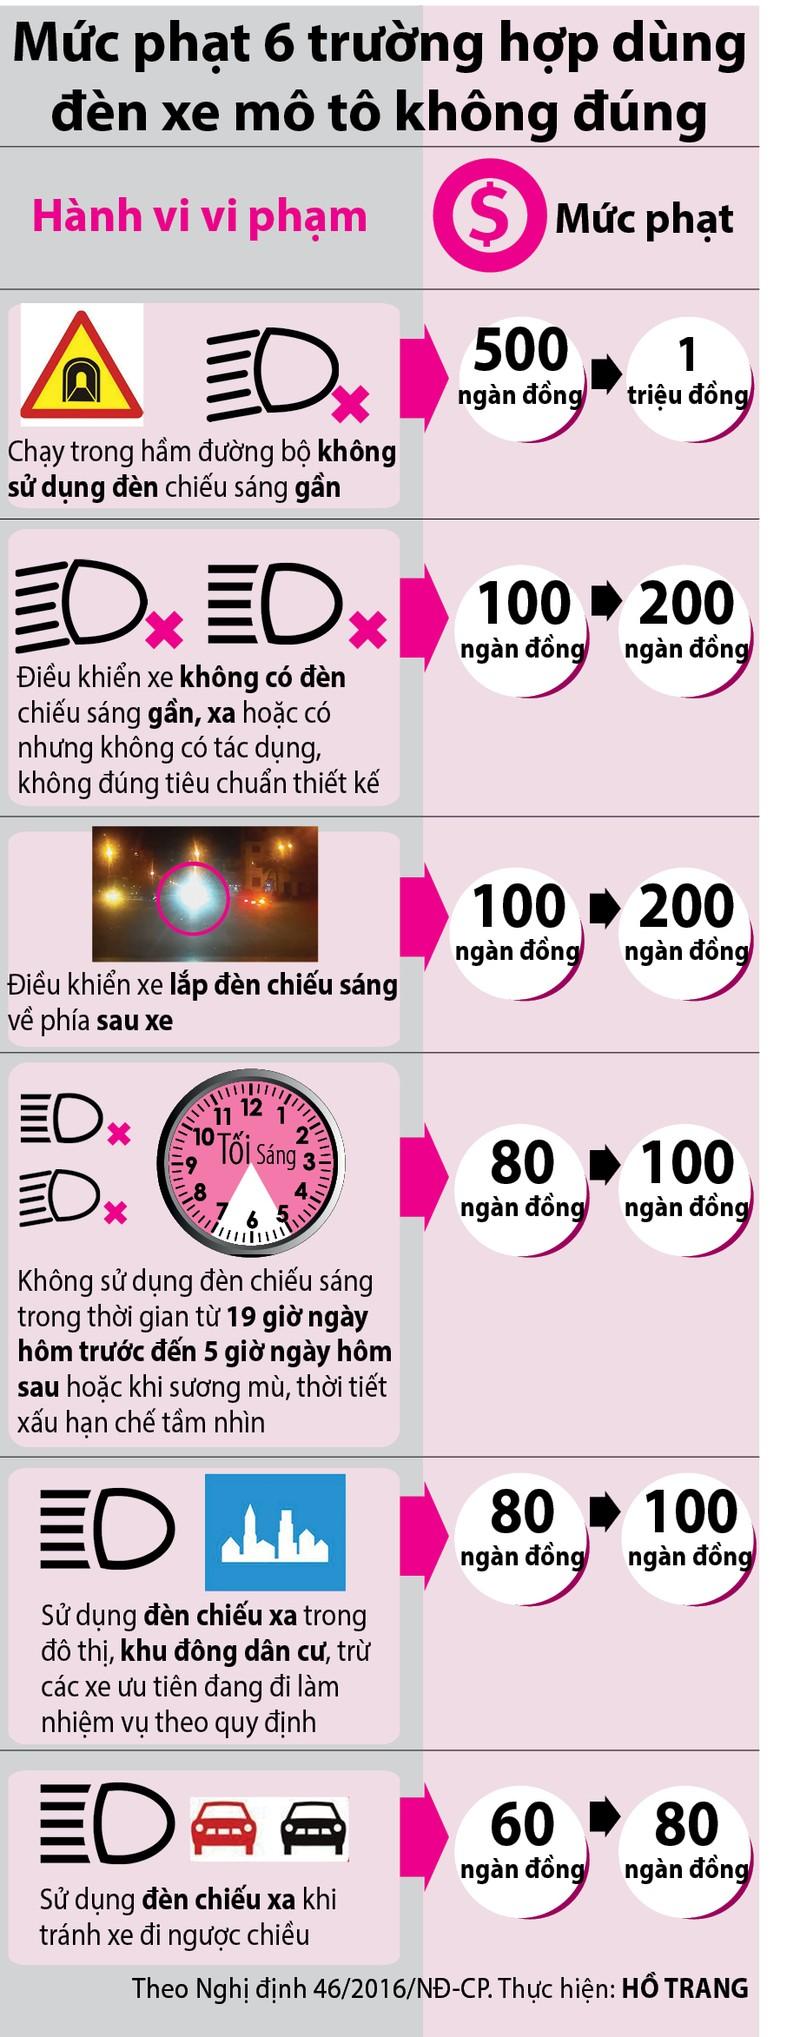 6 lỗi sử dụng đèn mô tô - ảnh 1